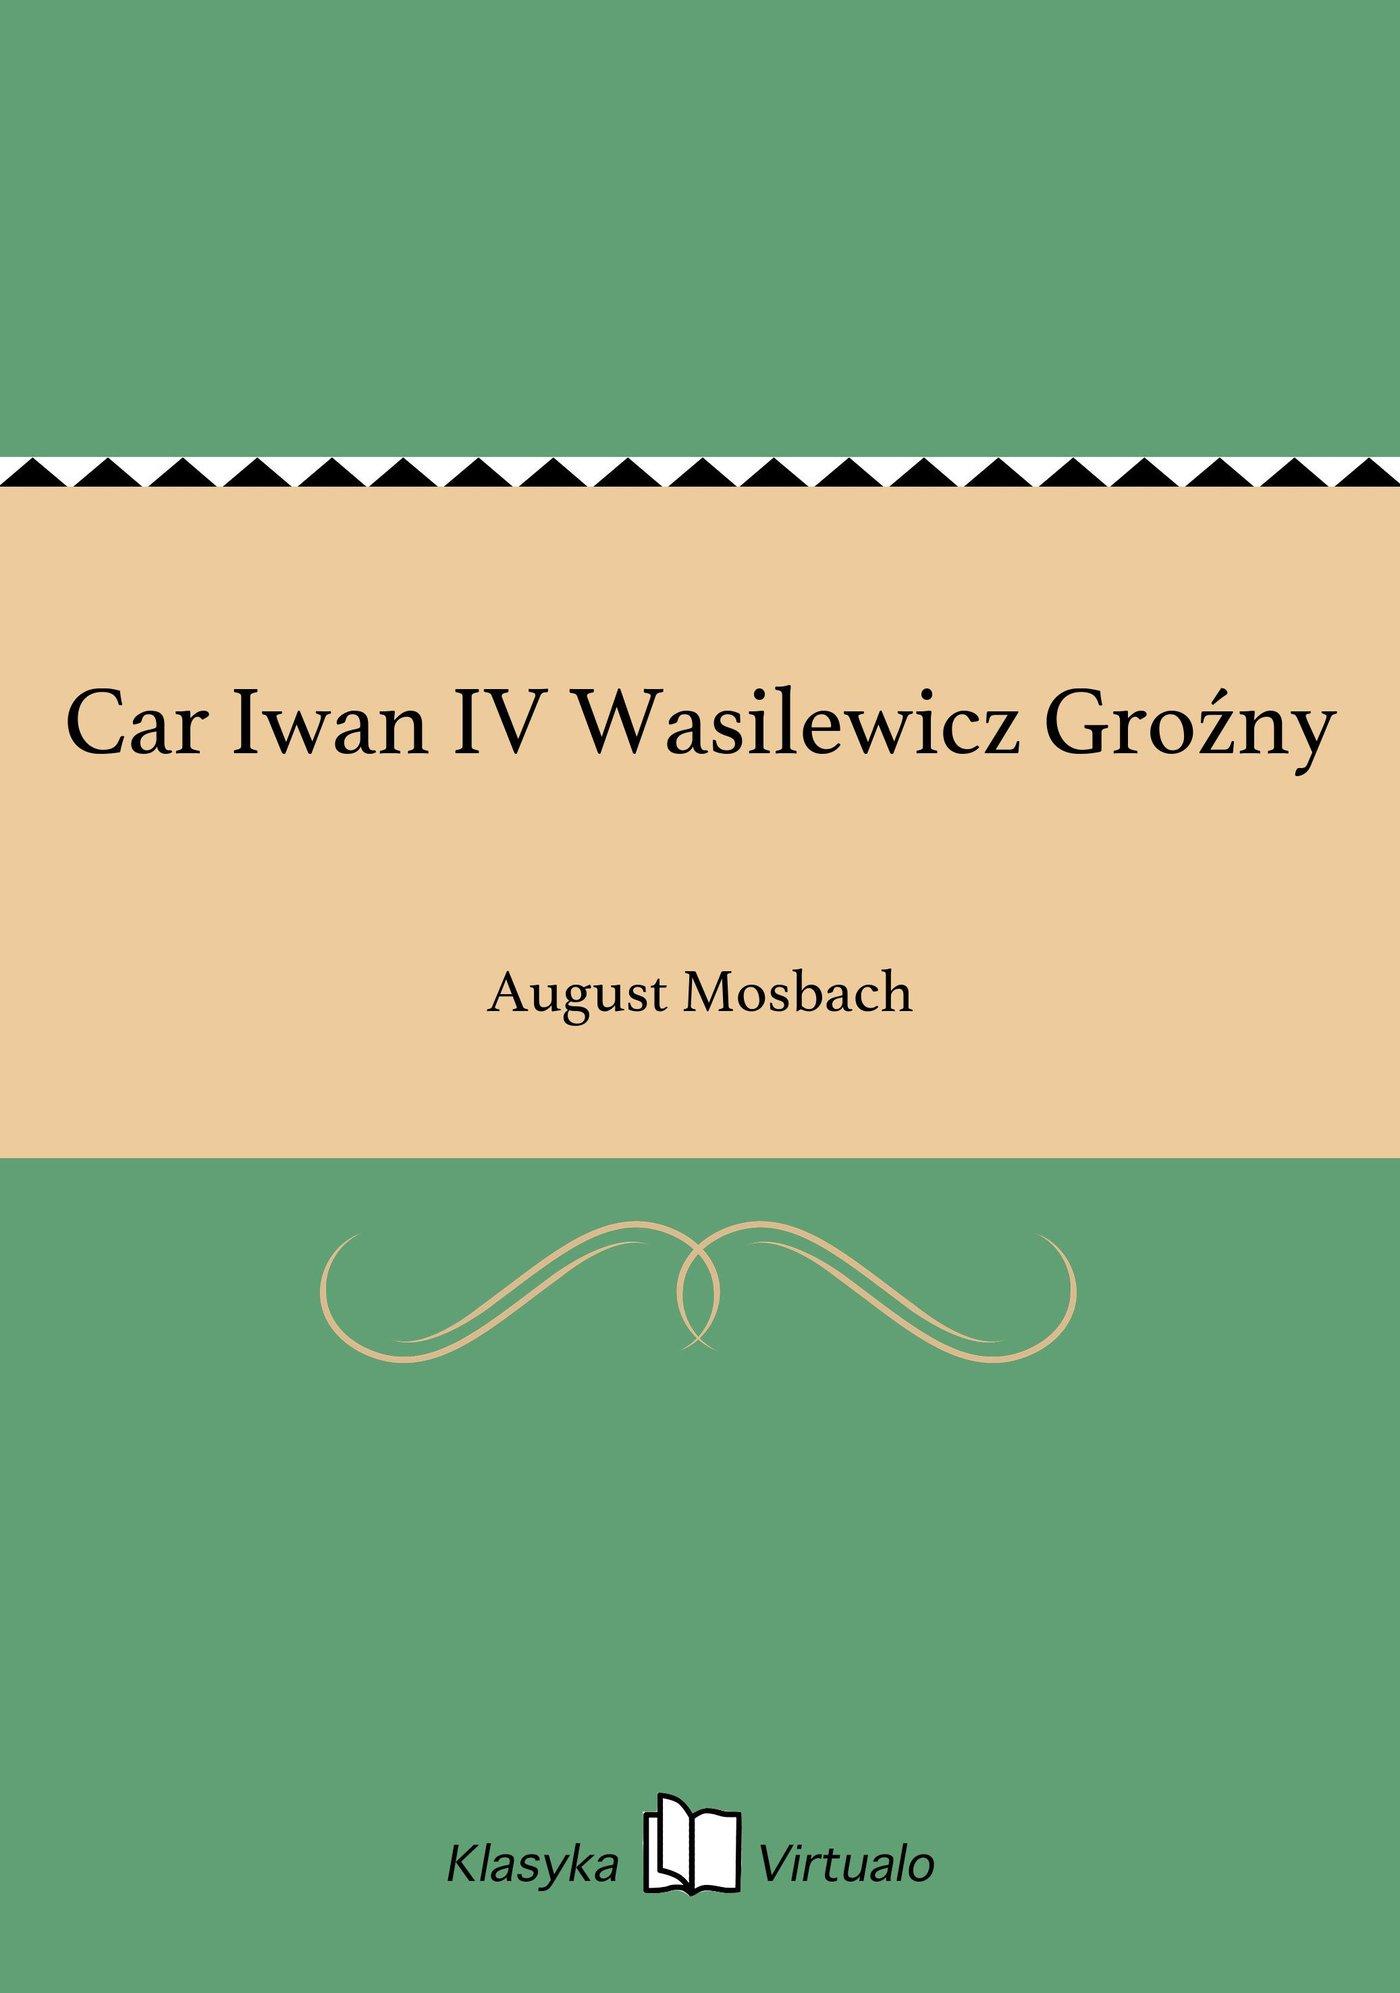 Car Iwan IV Wasilewicz Groźny - Ebook (Książka EPUB) do pobrania w formacie EPUB